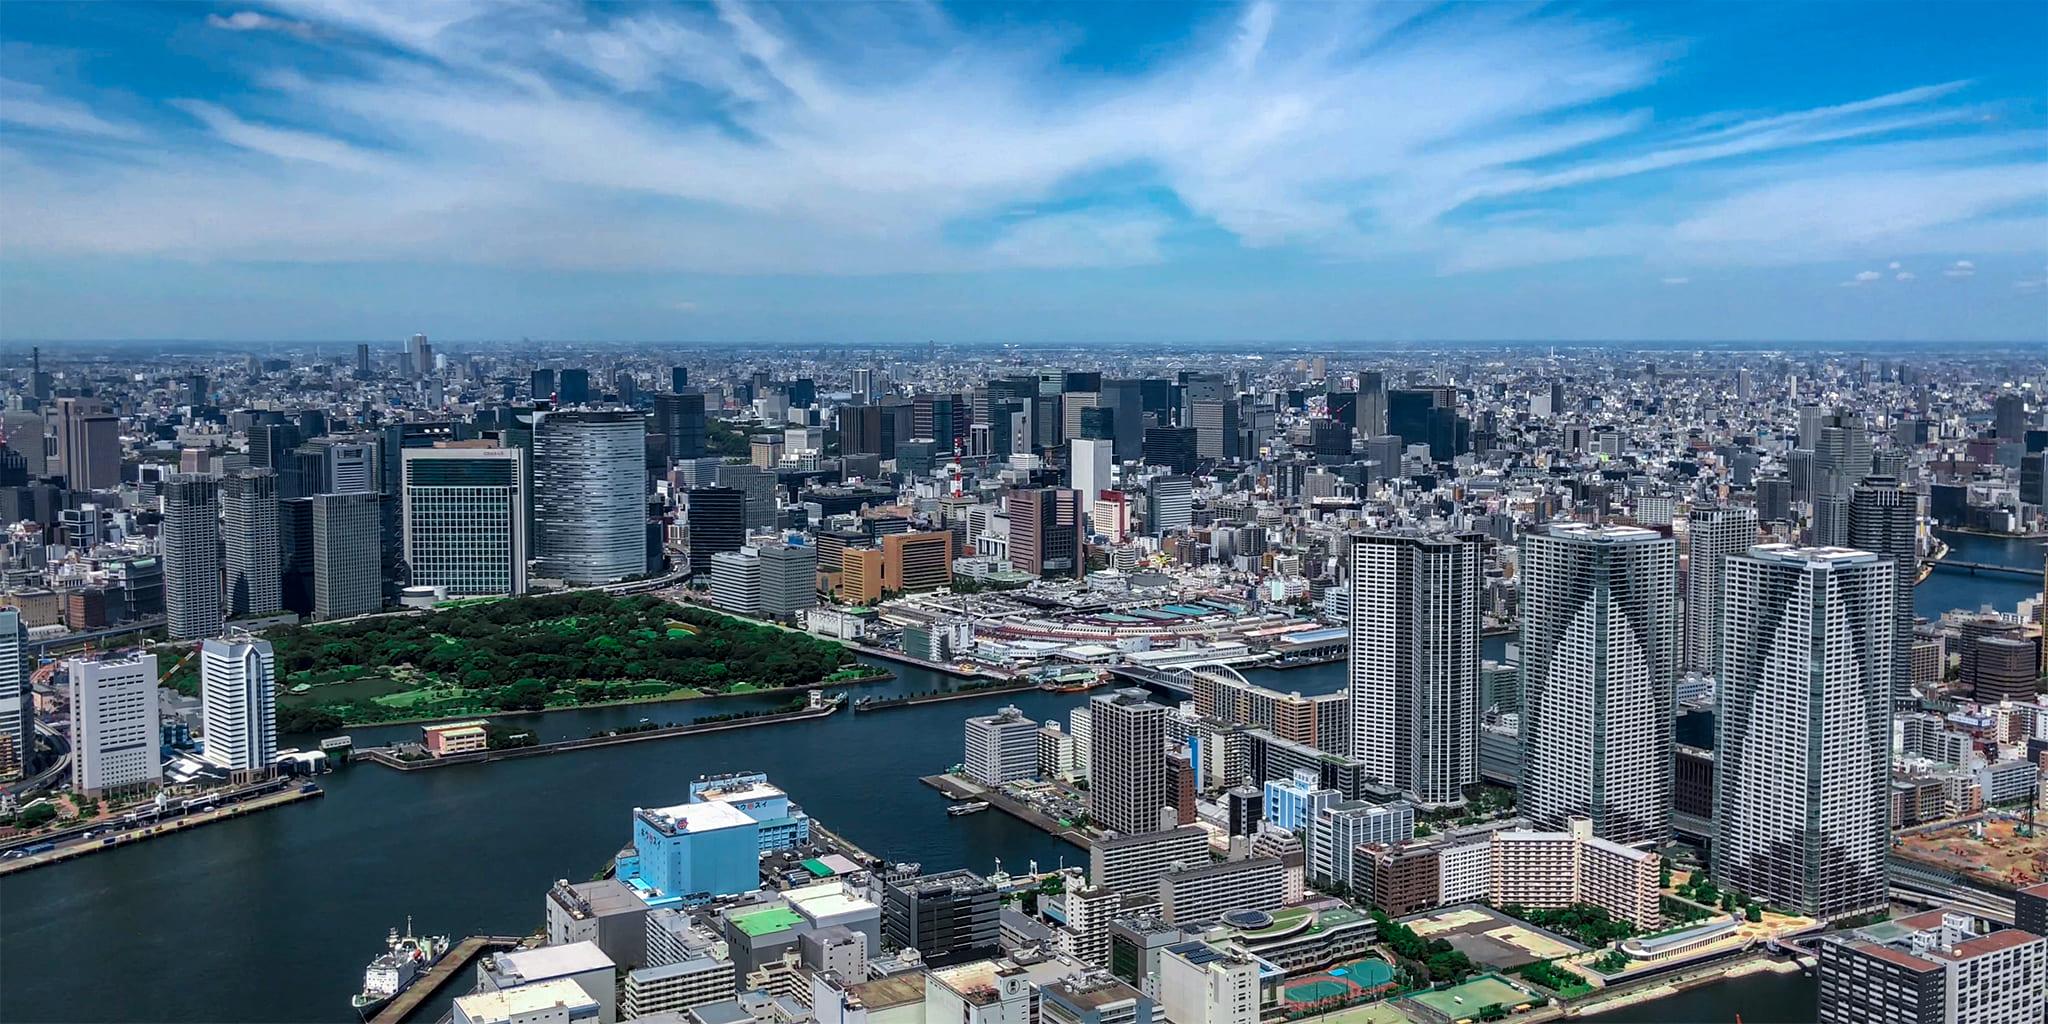 ヘリコプターで東京上空をフライトして見える晴海